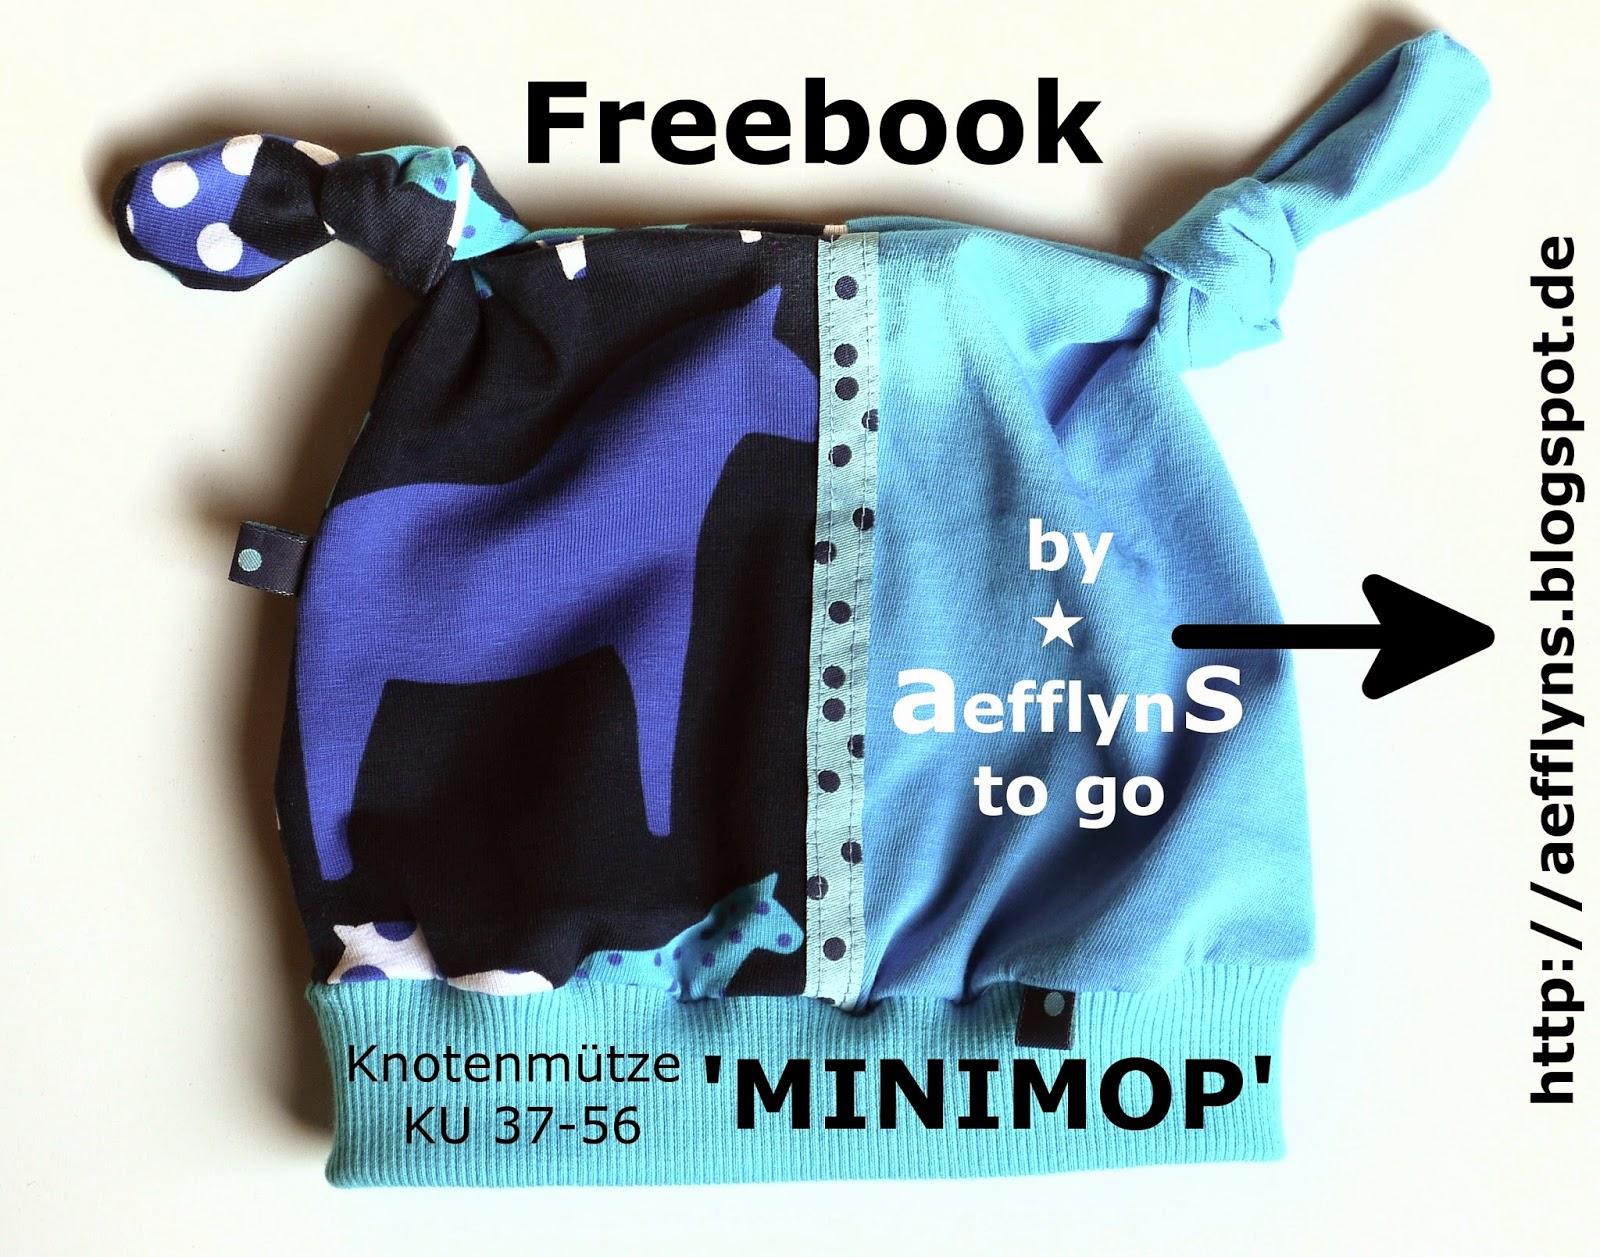 http://aefflyns.blogspot.de/2014/04/freebook-knotenmutze-minimop.html